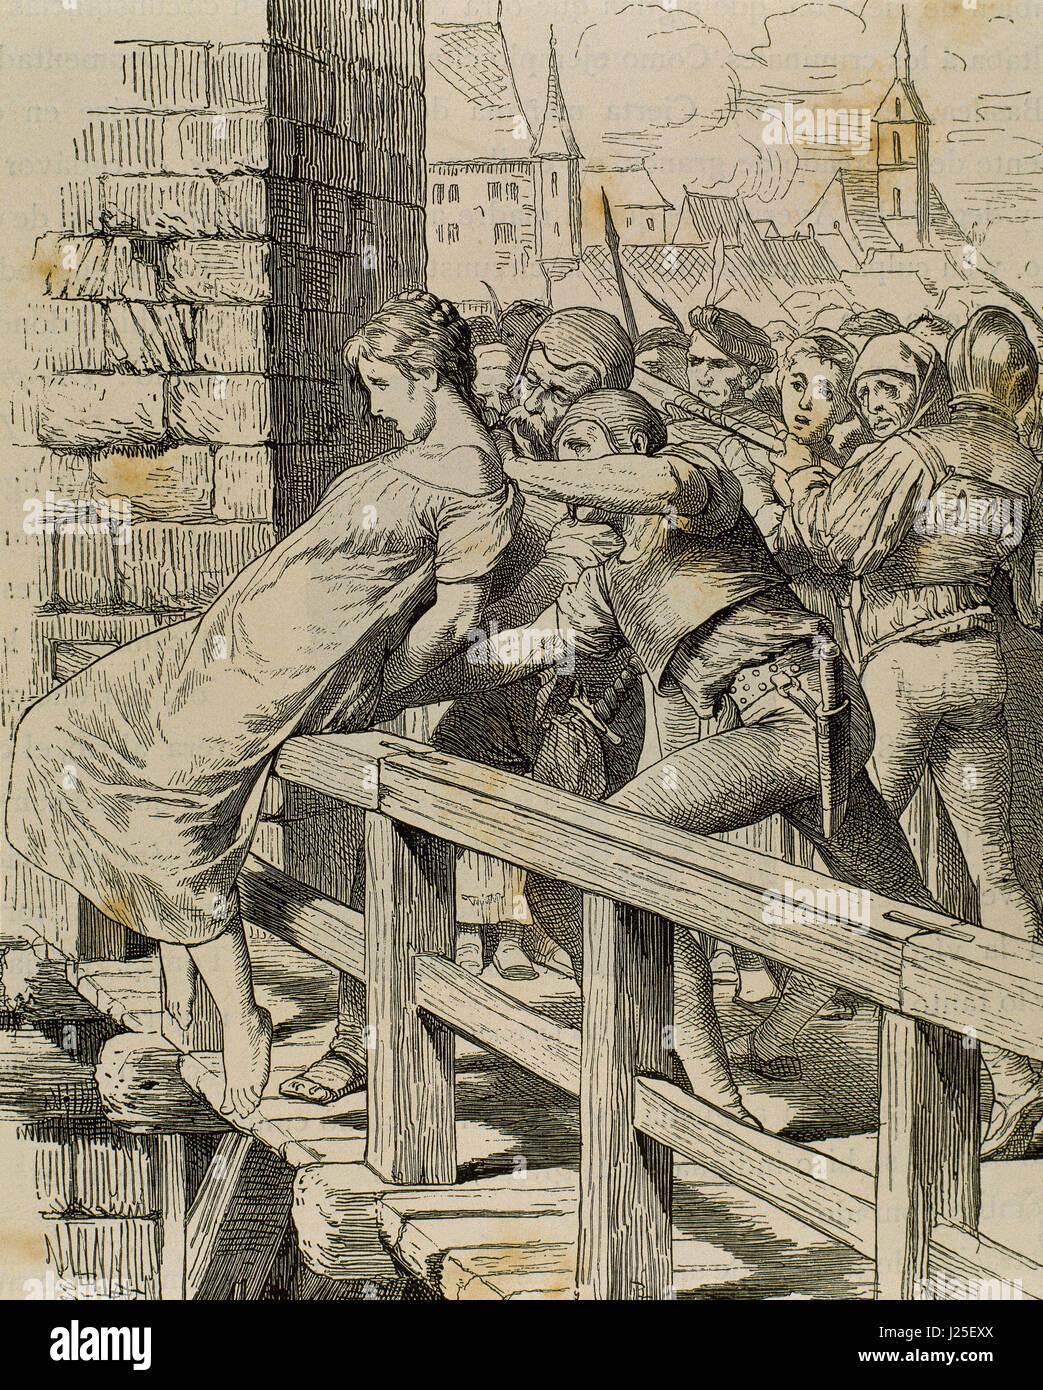 Germania. Medioevo. La punizione per un bambino killer. Incisione. 'Germania', 1882. Immagini Stock